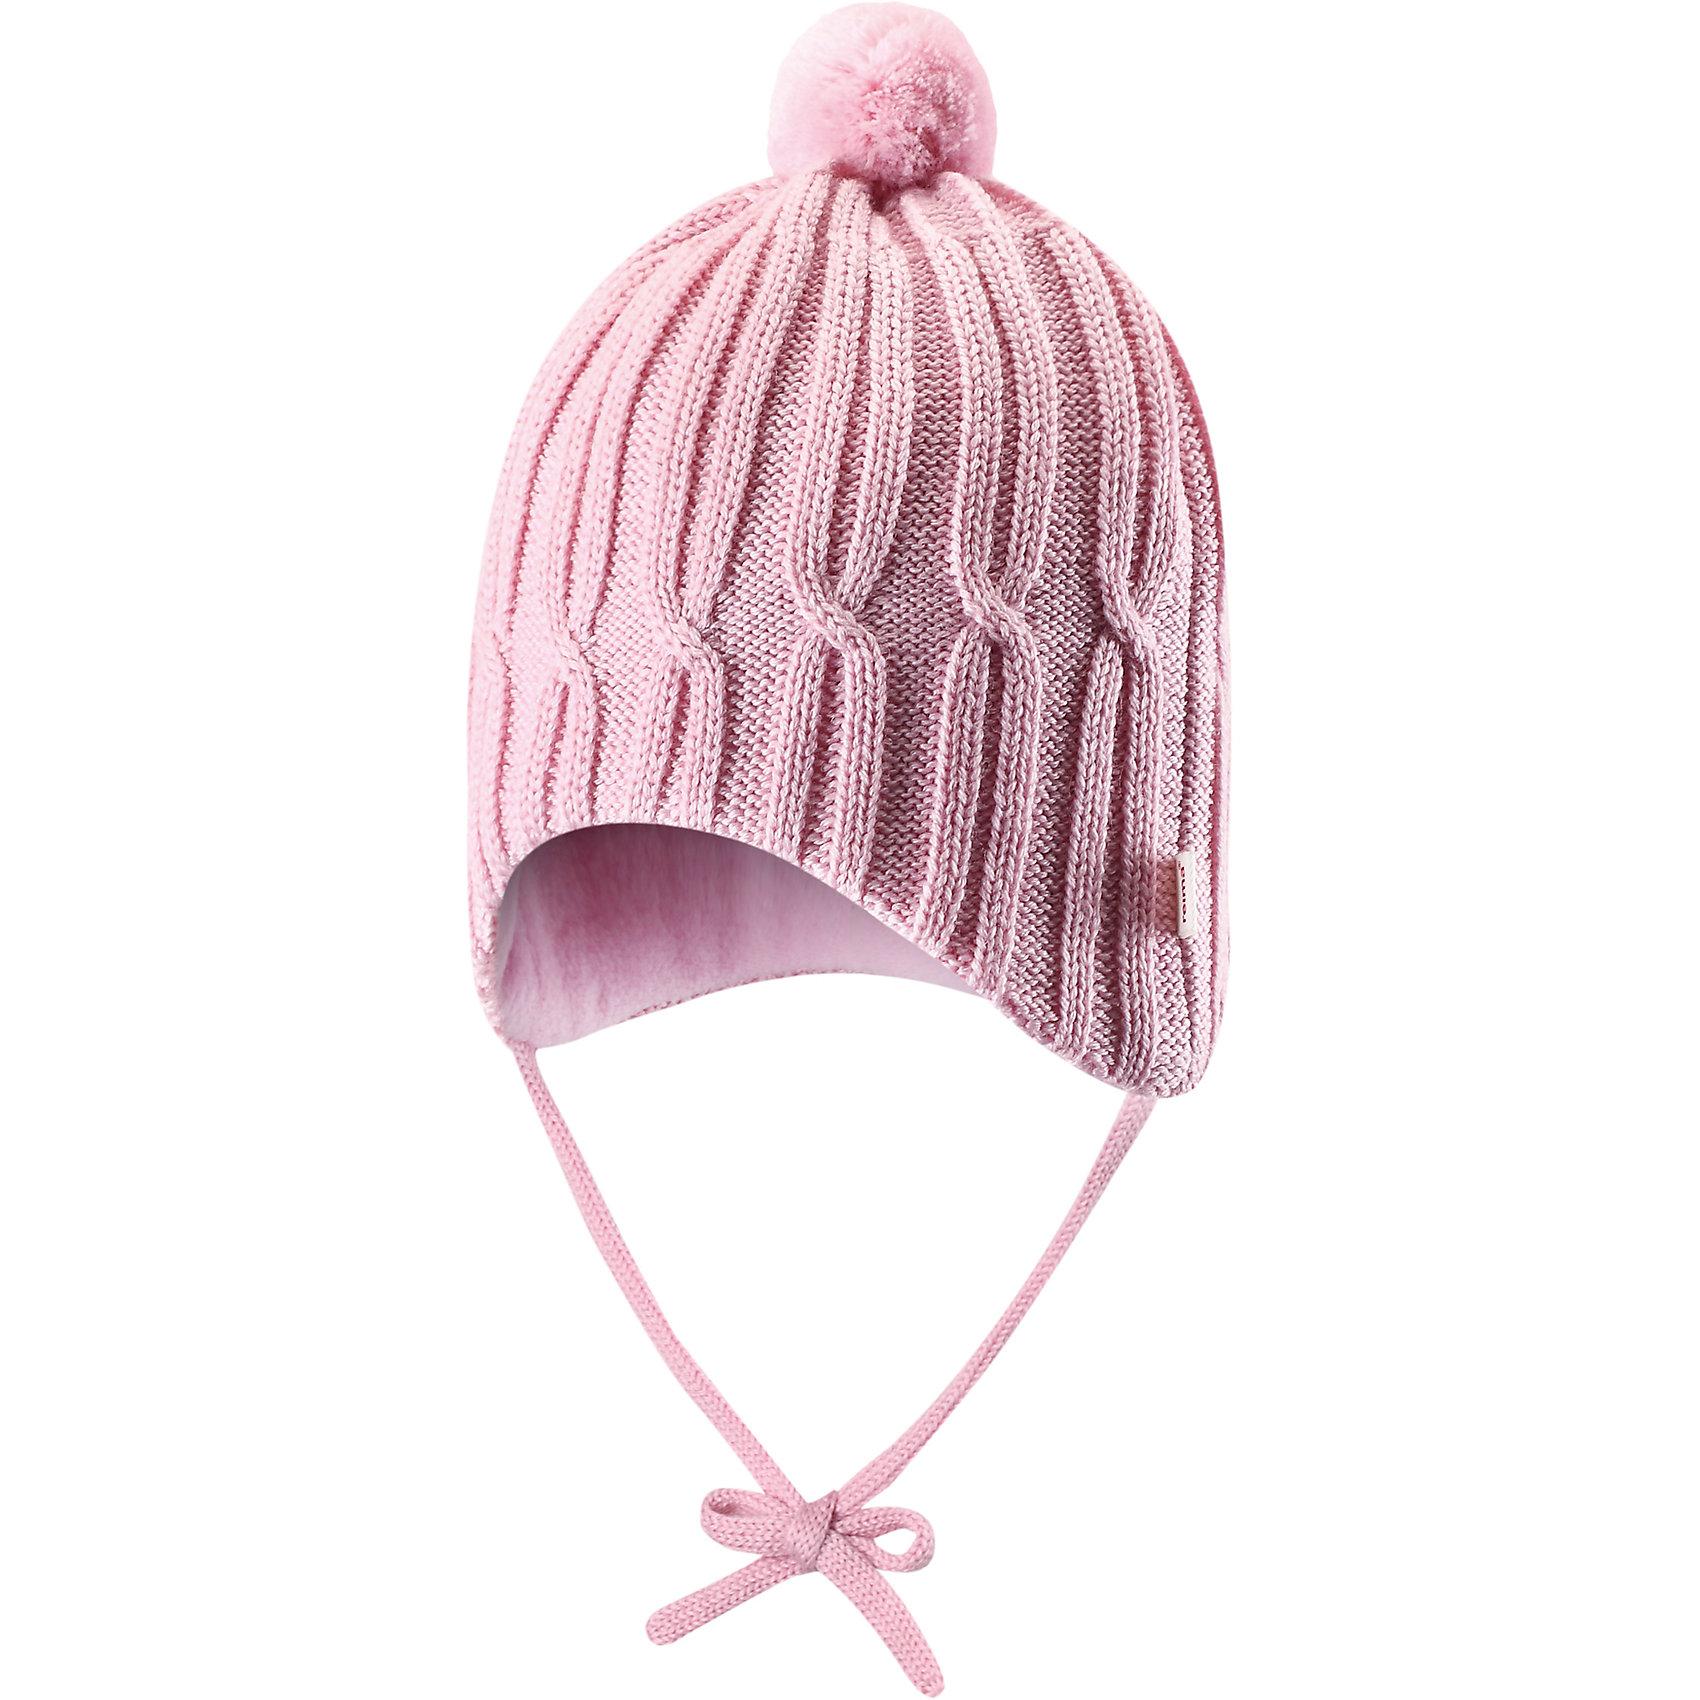 Шапка для девочки ReimaЭта стильная шапочка позволит создать неповторимый образ! Мягкая подкладка из флиса без внутреннего шва приятна чувствительной детской коже, а вставки в области ушей обеспечивают дополнительную защиту во время зимних прогулок или поездок в коляске. Красивая структурная вязка и помпон сделают завершающий штрих.<br><br>Детская вязаная шапочка <br>Забавная структурная вязка<br>Мягкая теплая подкладка из флиса<br>Ветронепроницаемые вставки в области ушей<br>Очень удобная модель с задним швом<br>Состав:<br>50% Шерсть 50% Акрил<br><br><br>Шапку Reima (Рейма) можно купить в нашем магазине.<br><br>Ширина мм: 89<br>Глубина мм: 117<br>Высота мм: 44<br>Вес г: 155<br>Цвет: розовый<br>Возраст от месяцев: 4<br>Возраст до месяцев: 6<br>Пол: Женский<br>Возраст: Детский<br>Размер: 44,36,40<br>SKU: 4208562